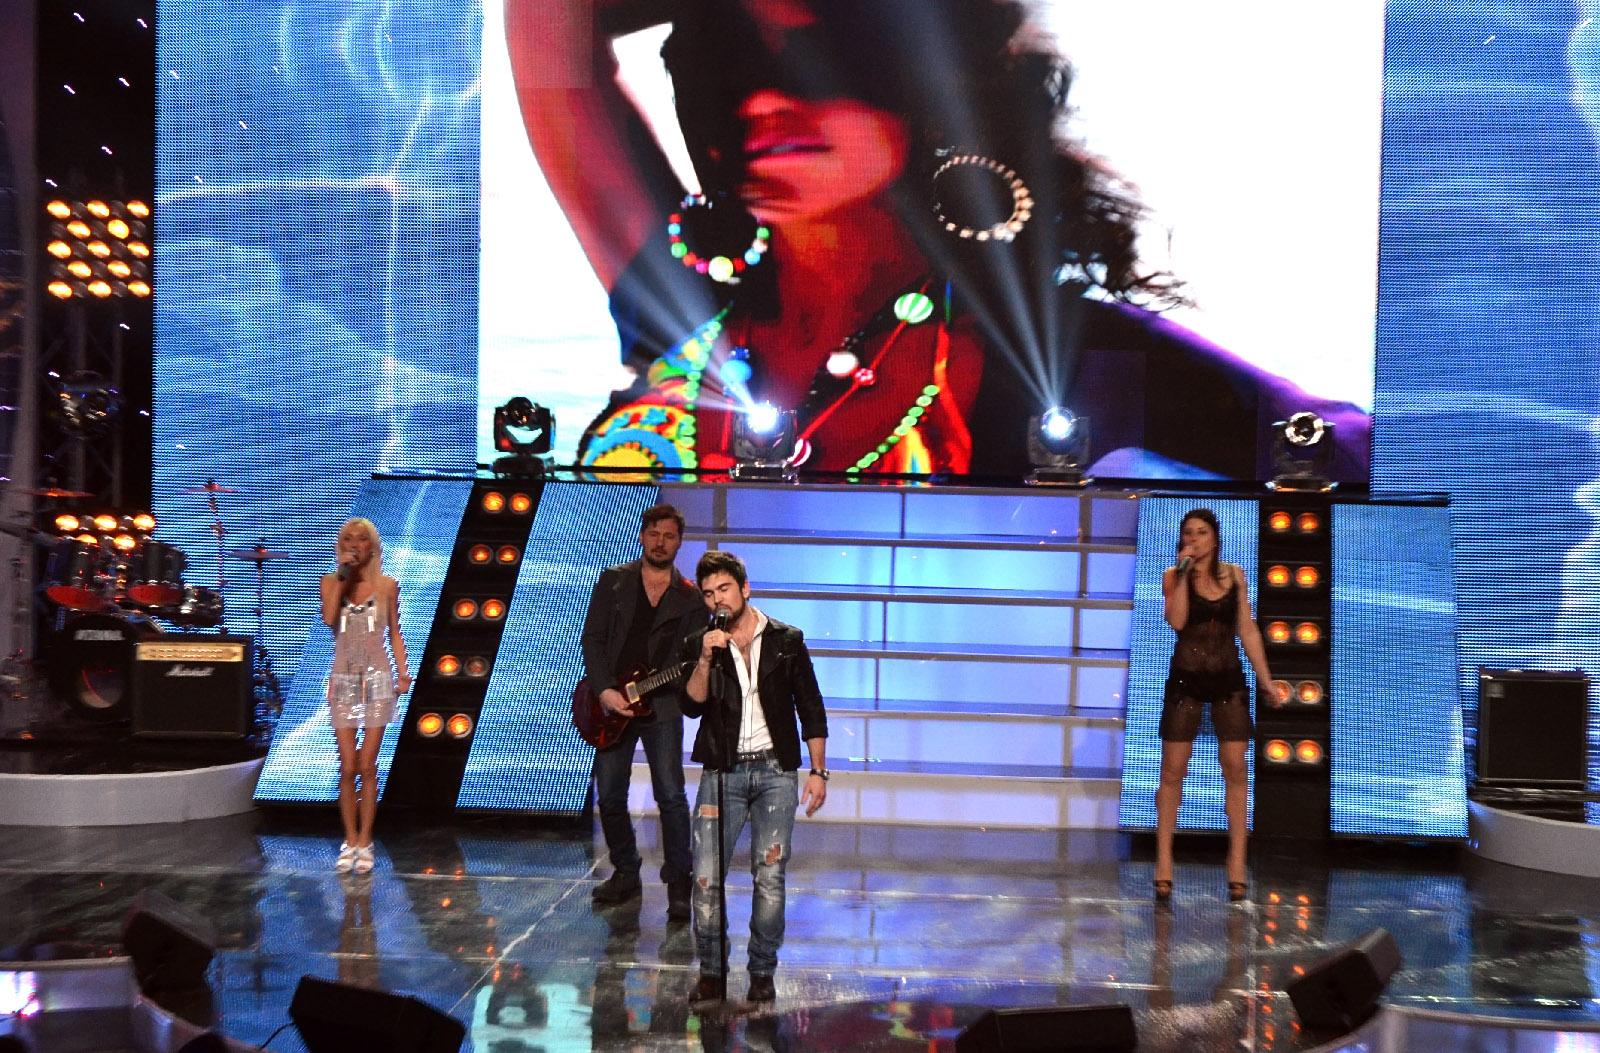 Евровидение, финальный отбор в Украине